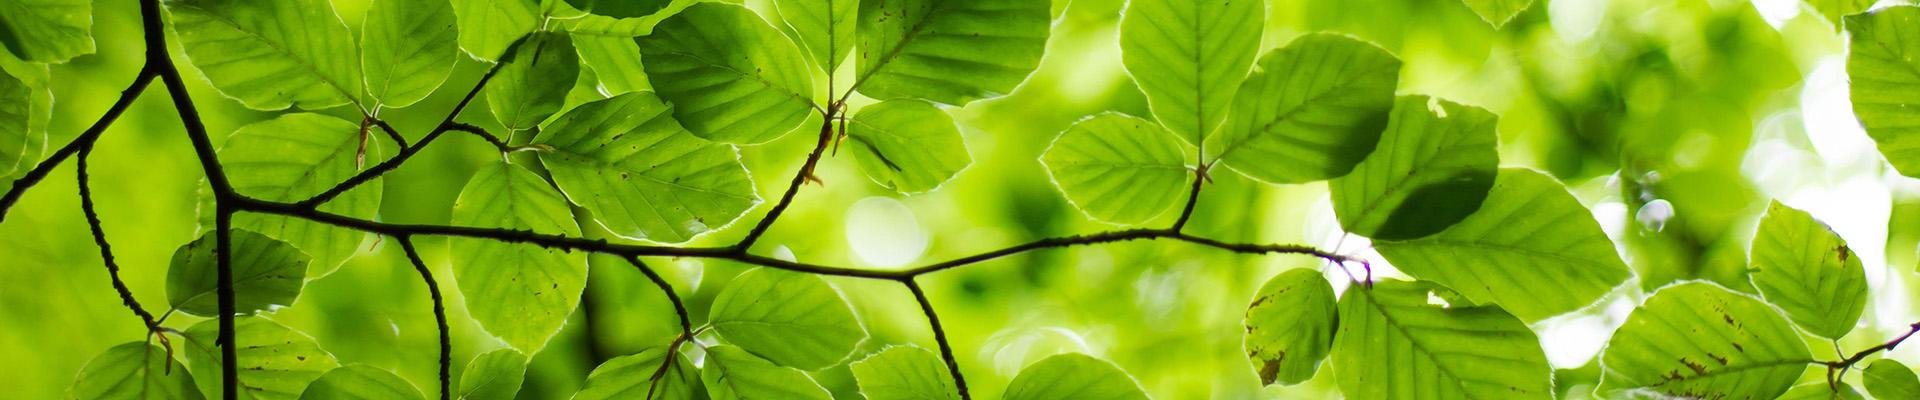 Grønne blader.